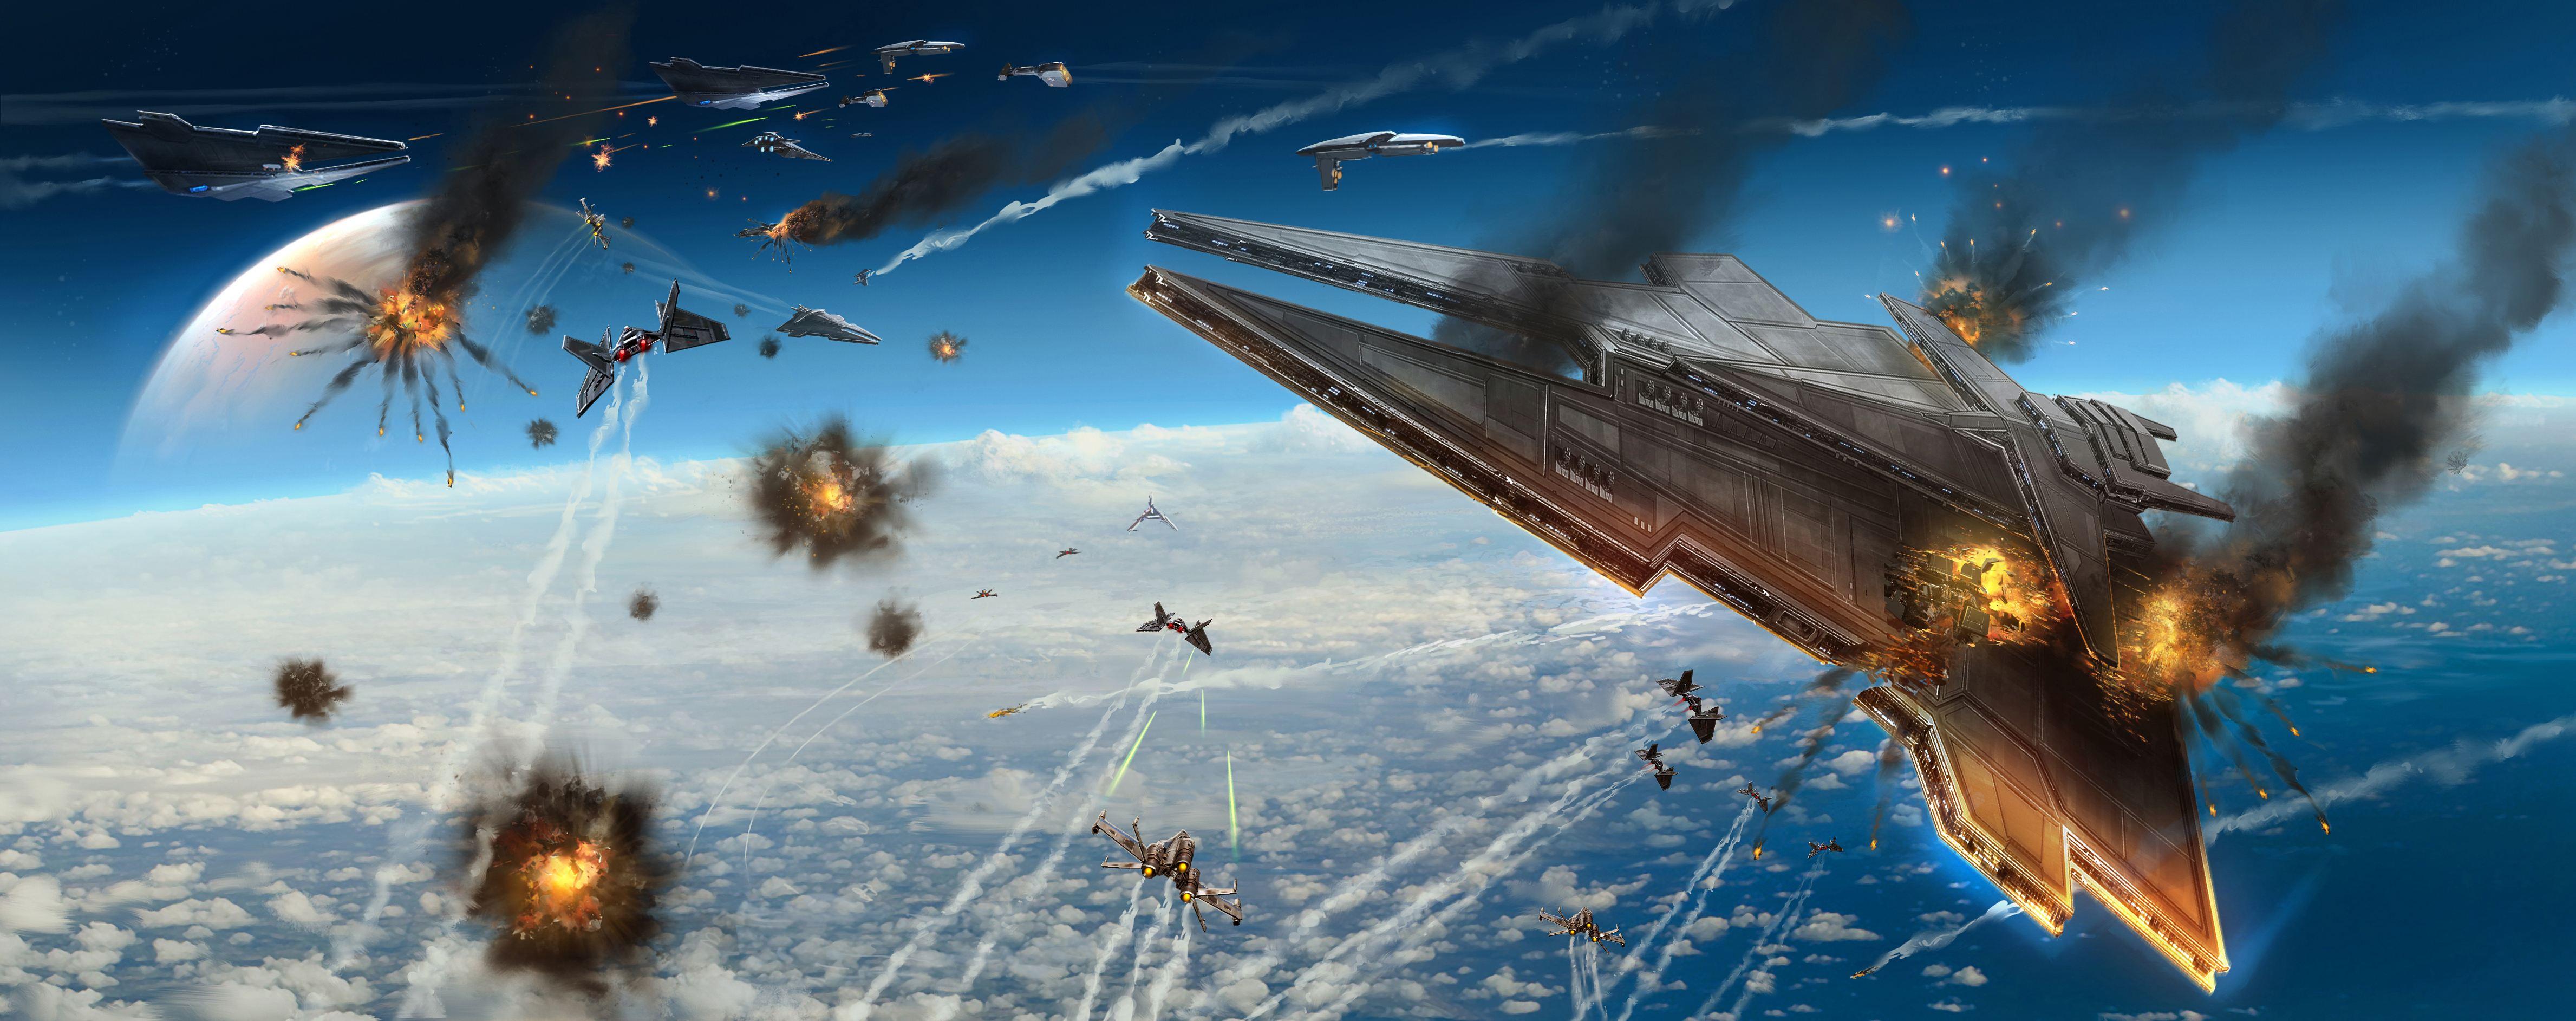 Space War HD Wallpaper | Aircraft Wallpapers